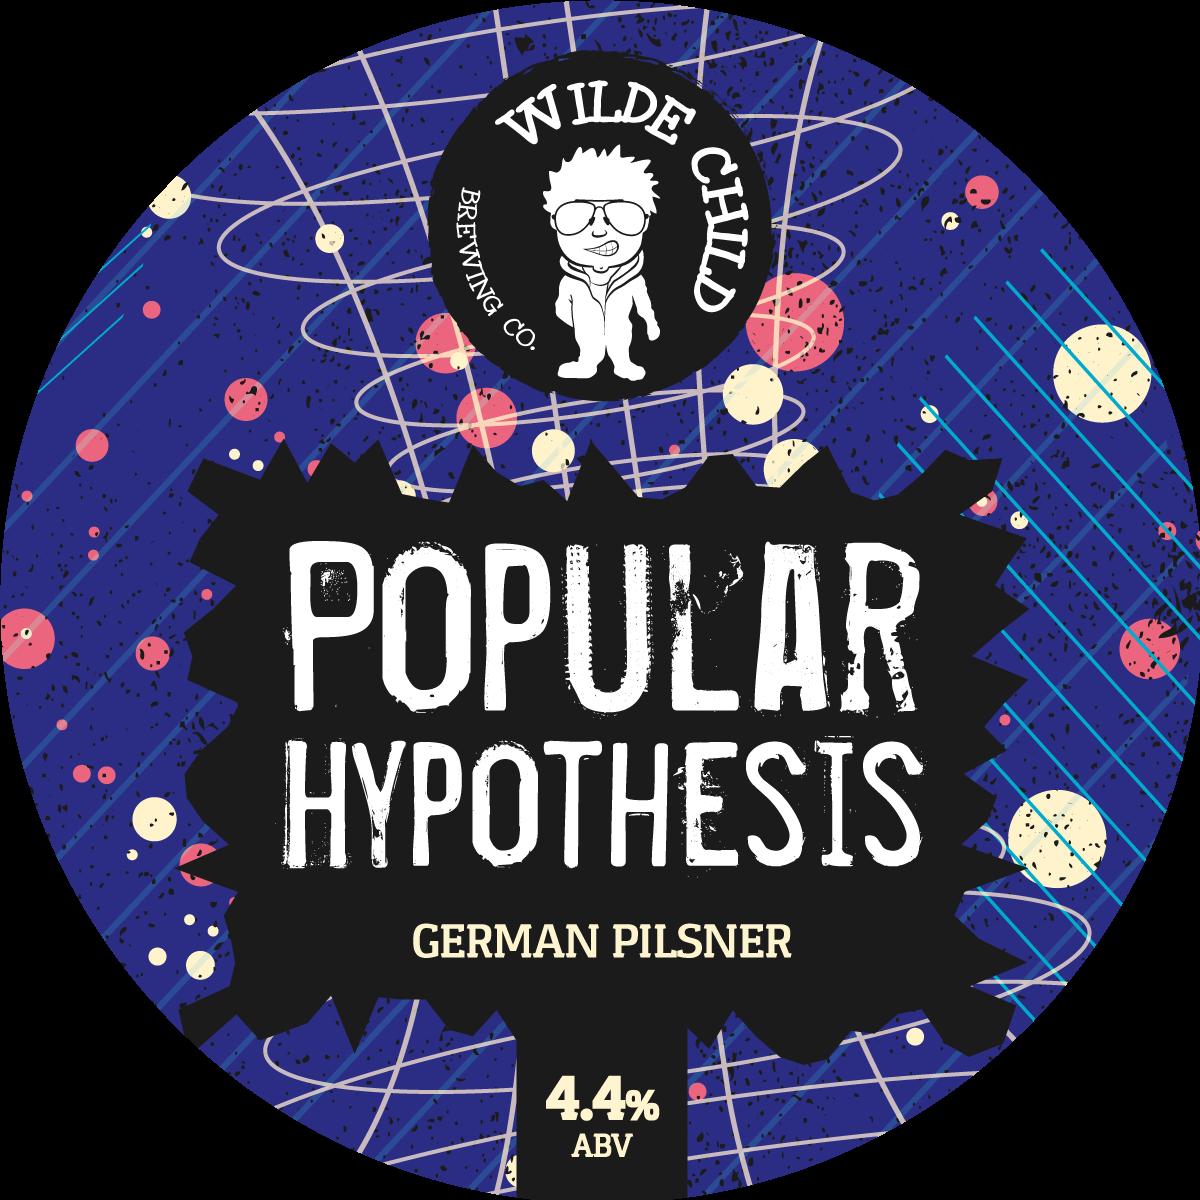 Wilde-Cild-Brewing-Co.--Popular-Hypothesis-ROUND